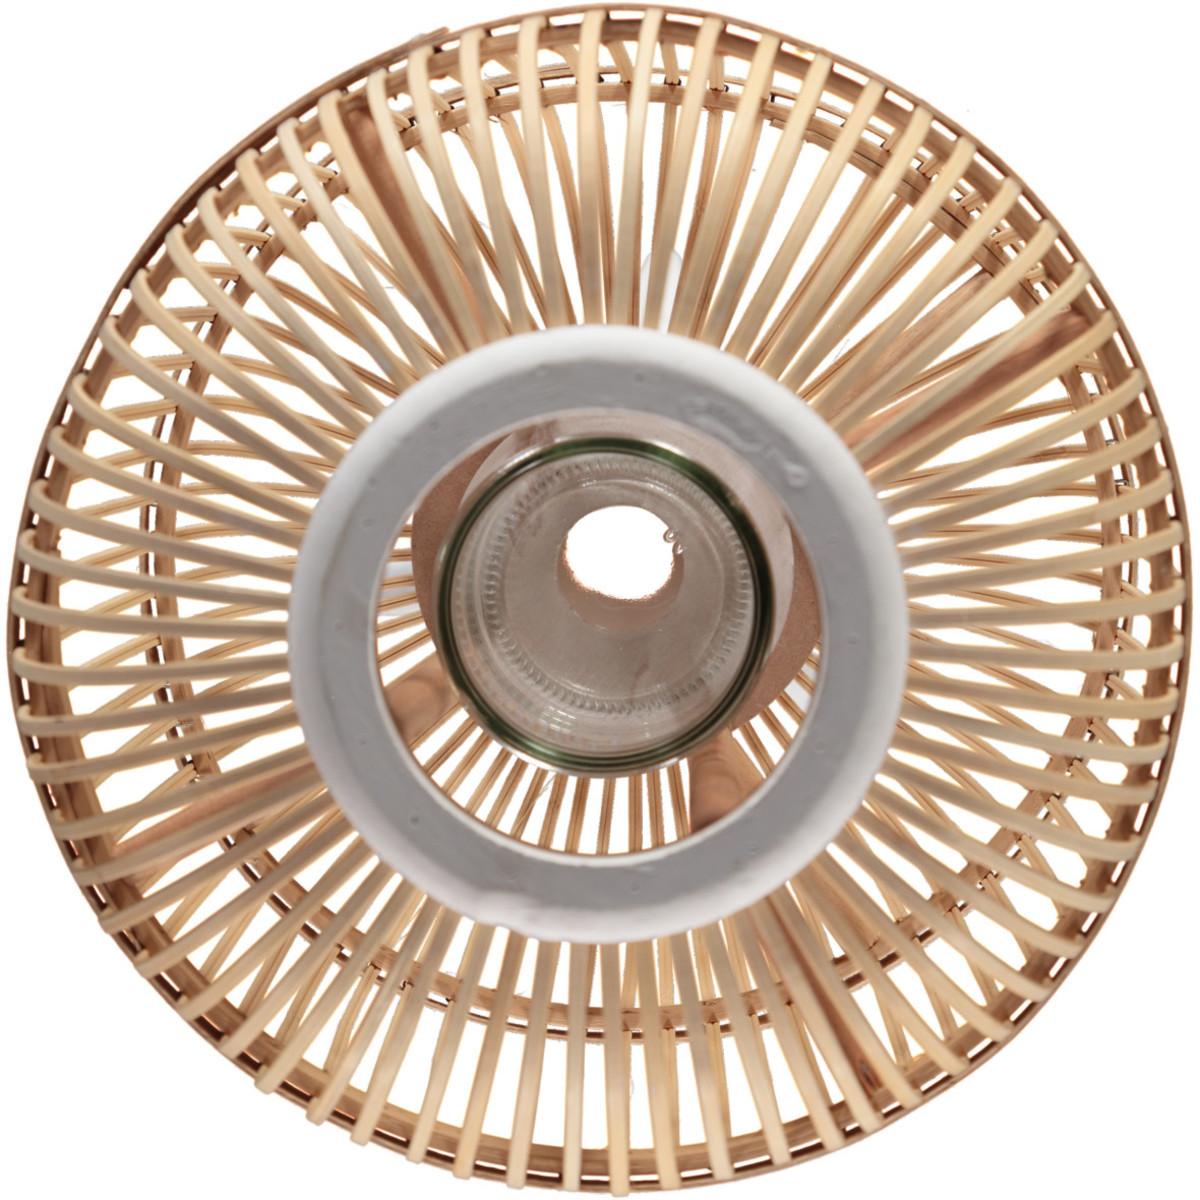 Bild 3 von Windlicht im Boho-Stil, H:76cm